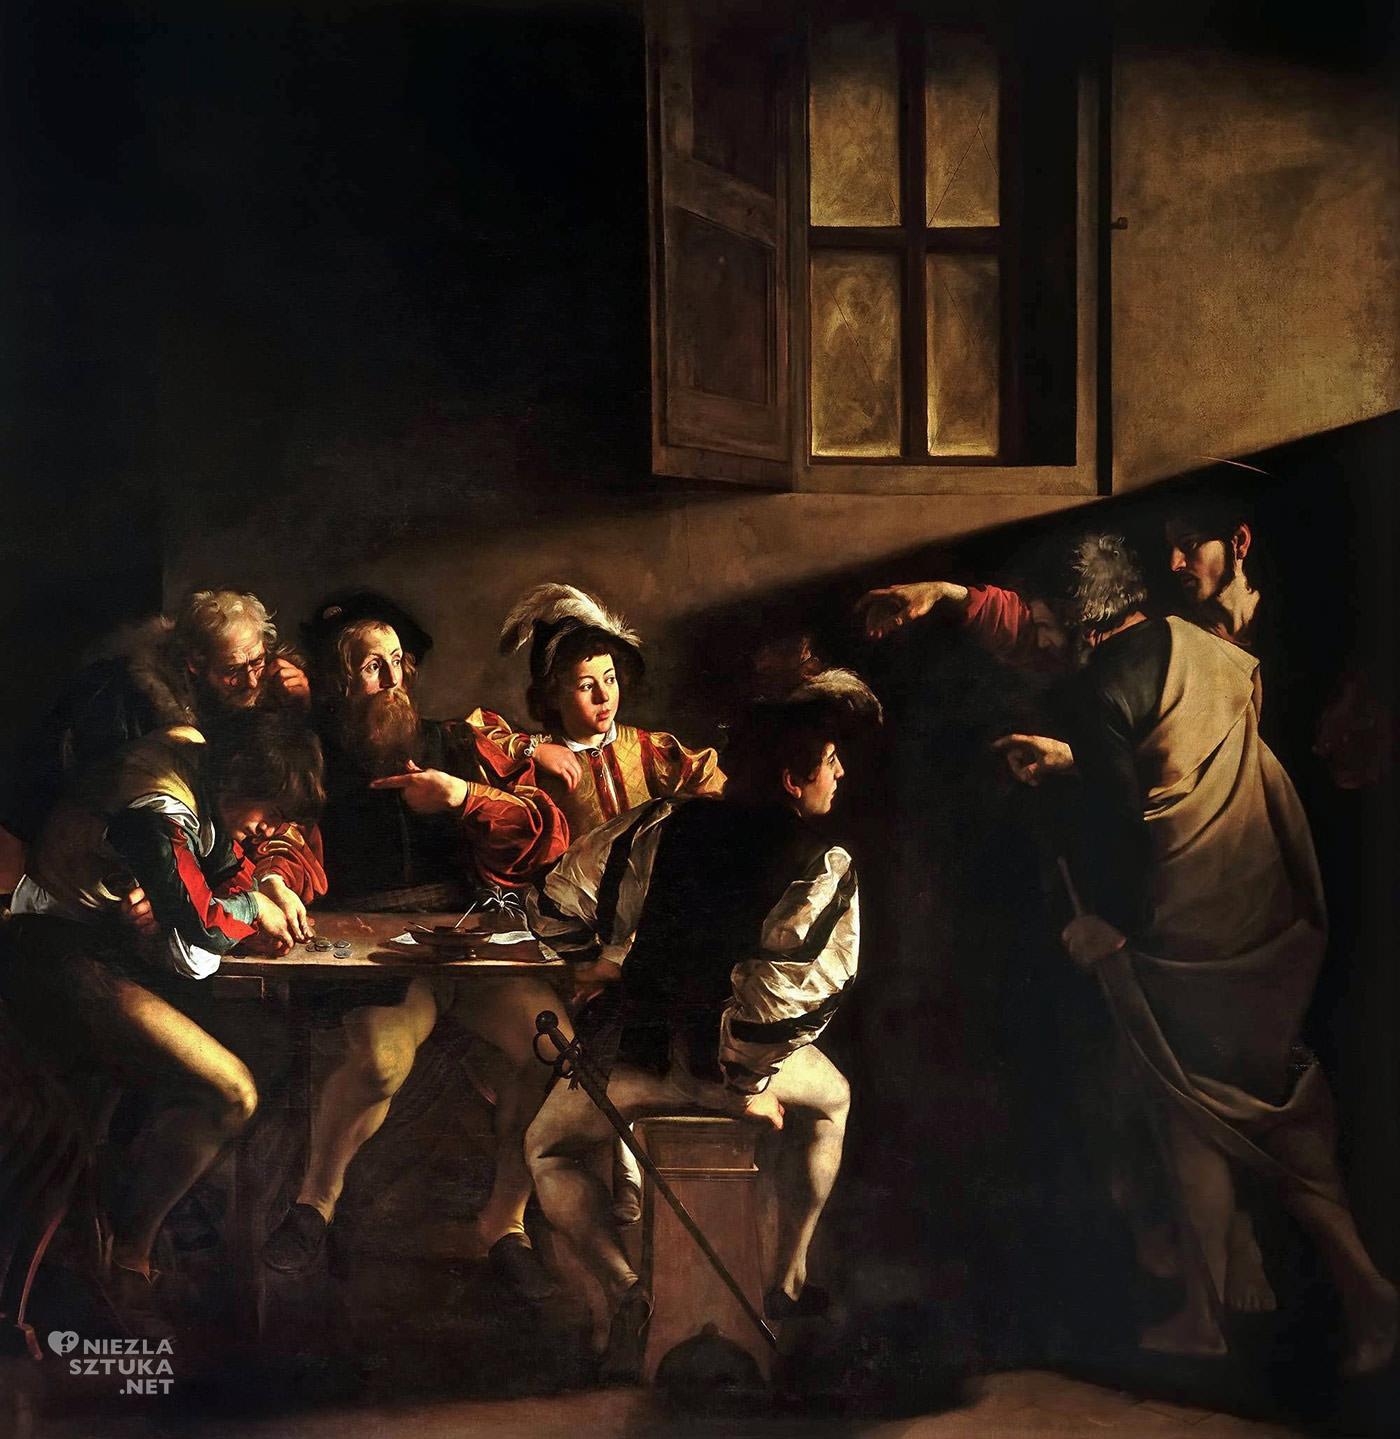 Caravaggio, Powołanie świętego Mateusza, malarstwo religijne, barok, Niezła Sztuka